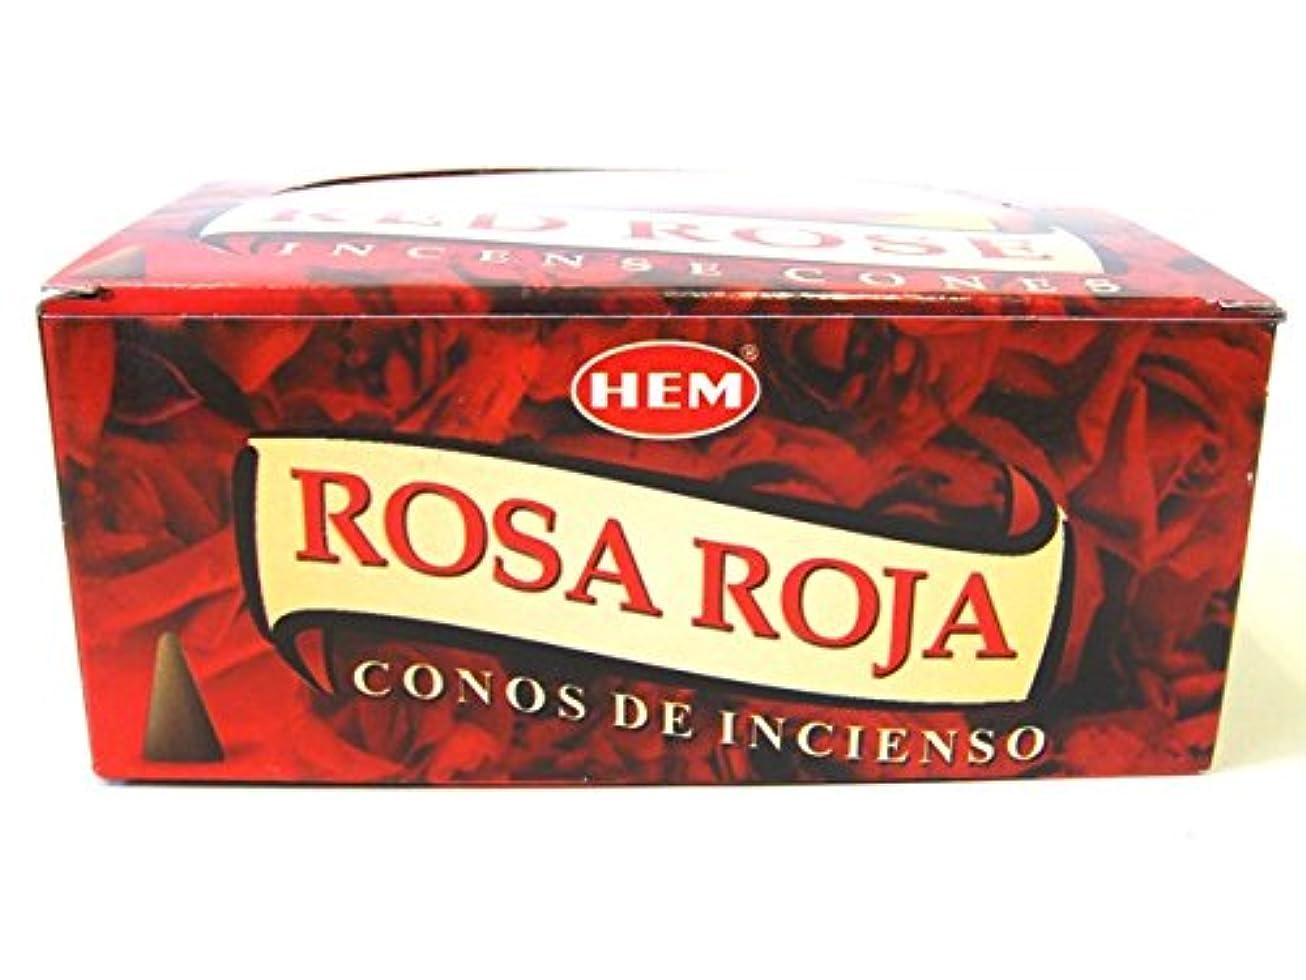 シャイ動脈エキサイティングHEM お香 レッドローズ(RED ROSE) コーンタイプ 1ケース(12箱入り) お香薔薇